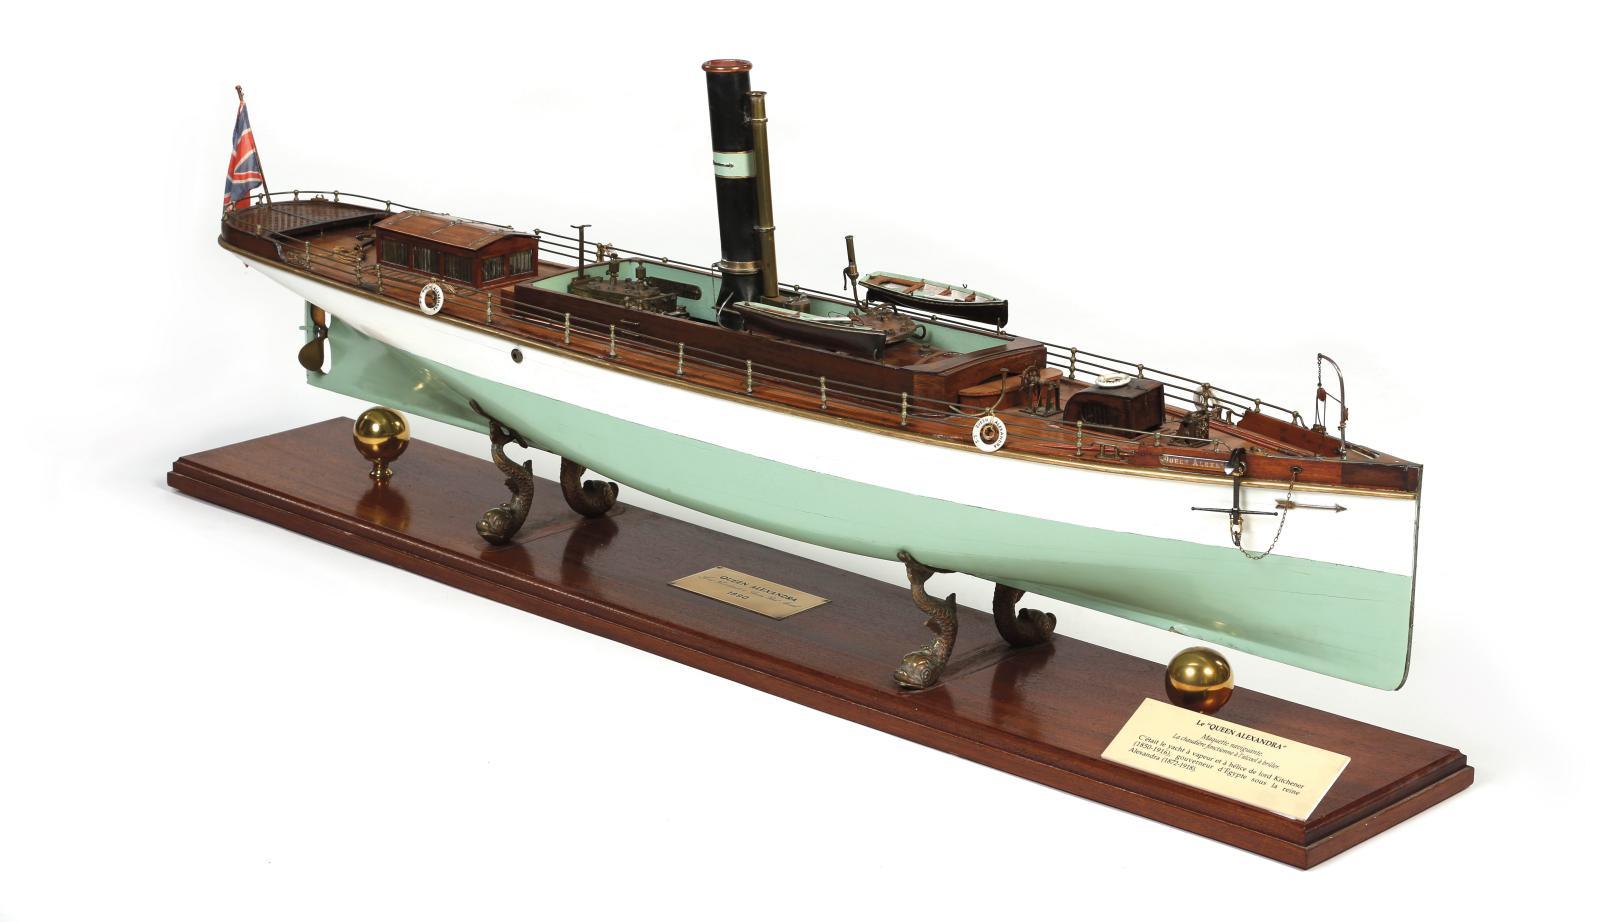 Maquette navigante du Queen Alexandra par Lord Kichener, 1890, en bois verni, bois laqué blanc et bois laqué vert, avec sa machine à vapeu